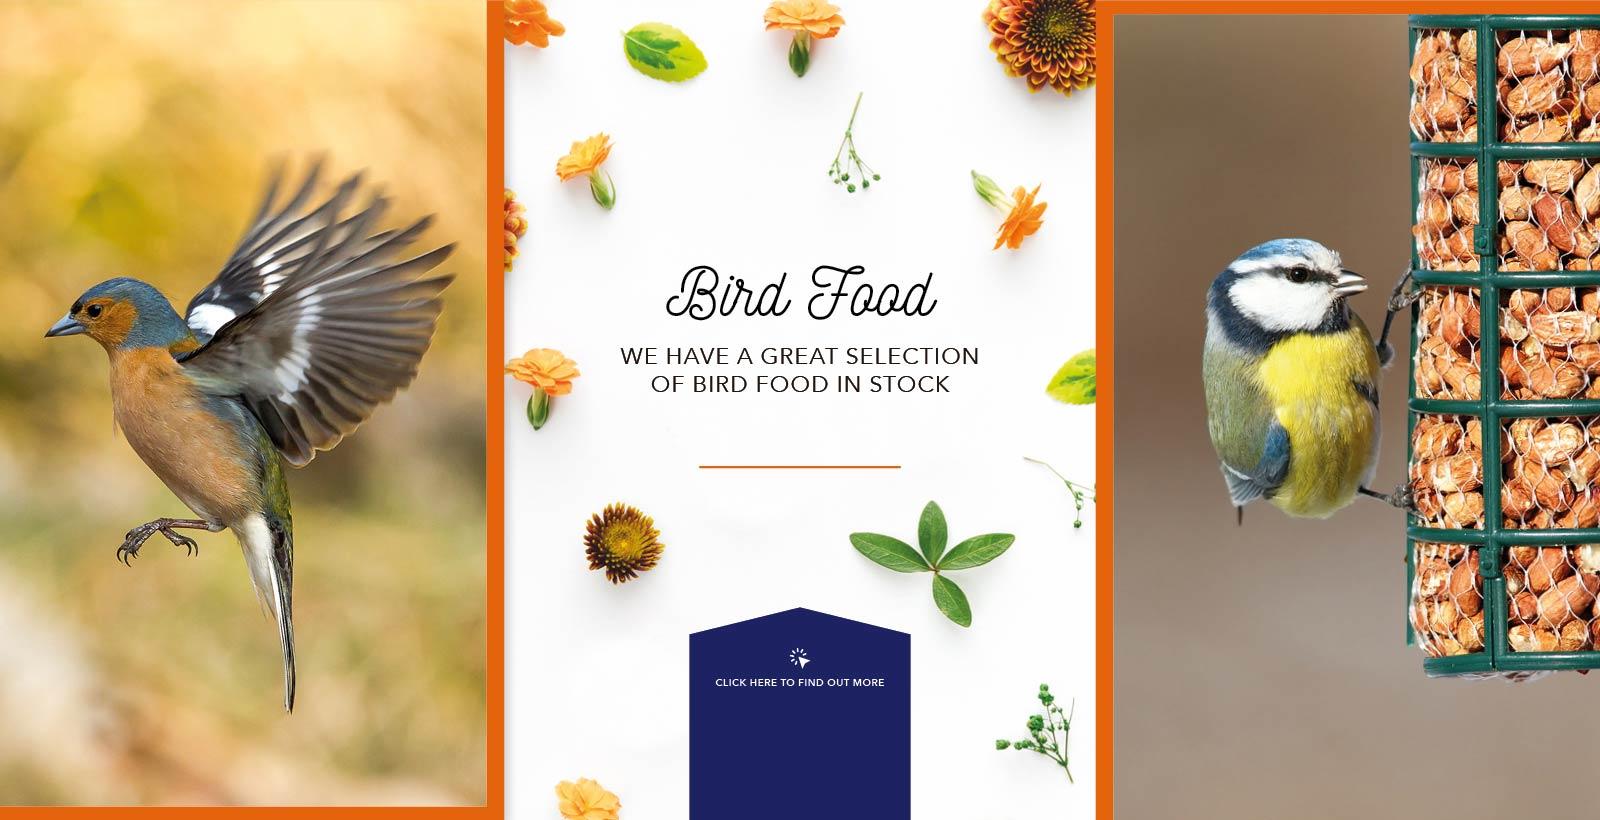 Bird Food at Fosseway Garden Centre